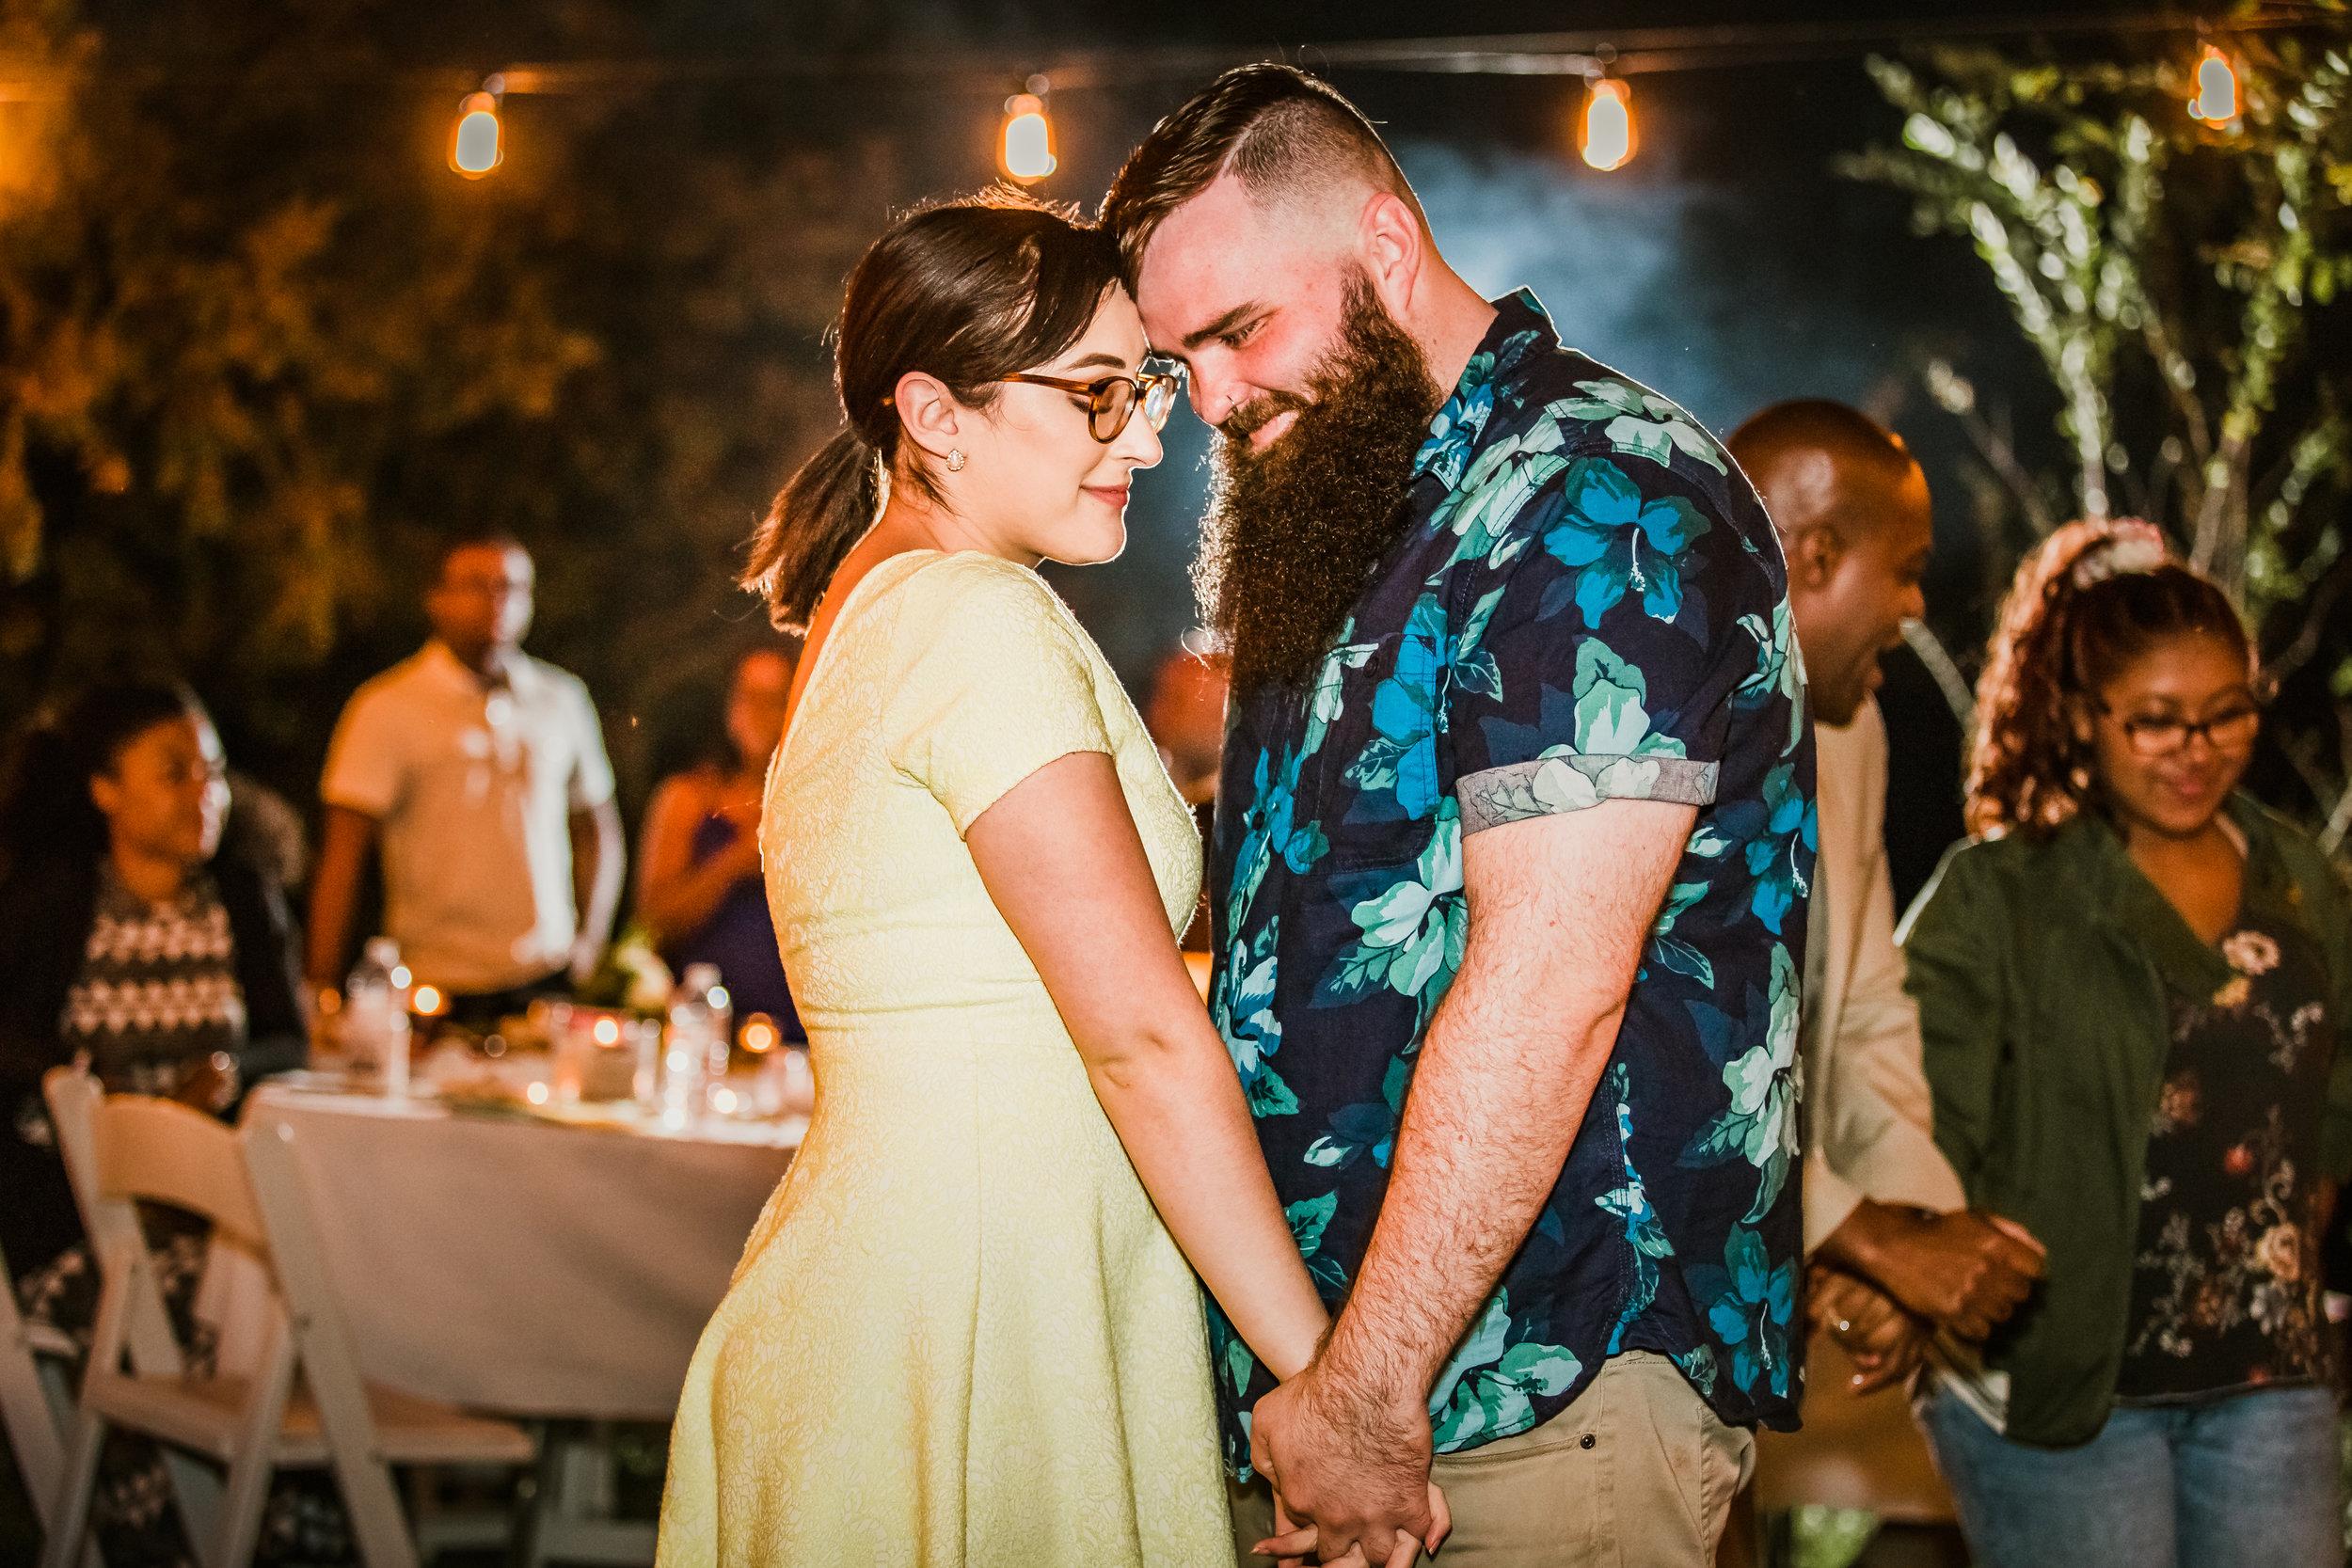 Violets & Seastars- November Ponce Inlet Wedding - Suzette & Dwight 183.jpg